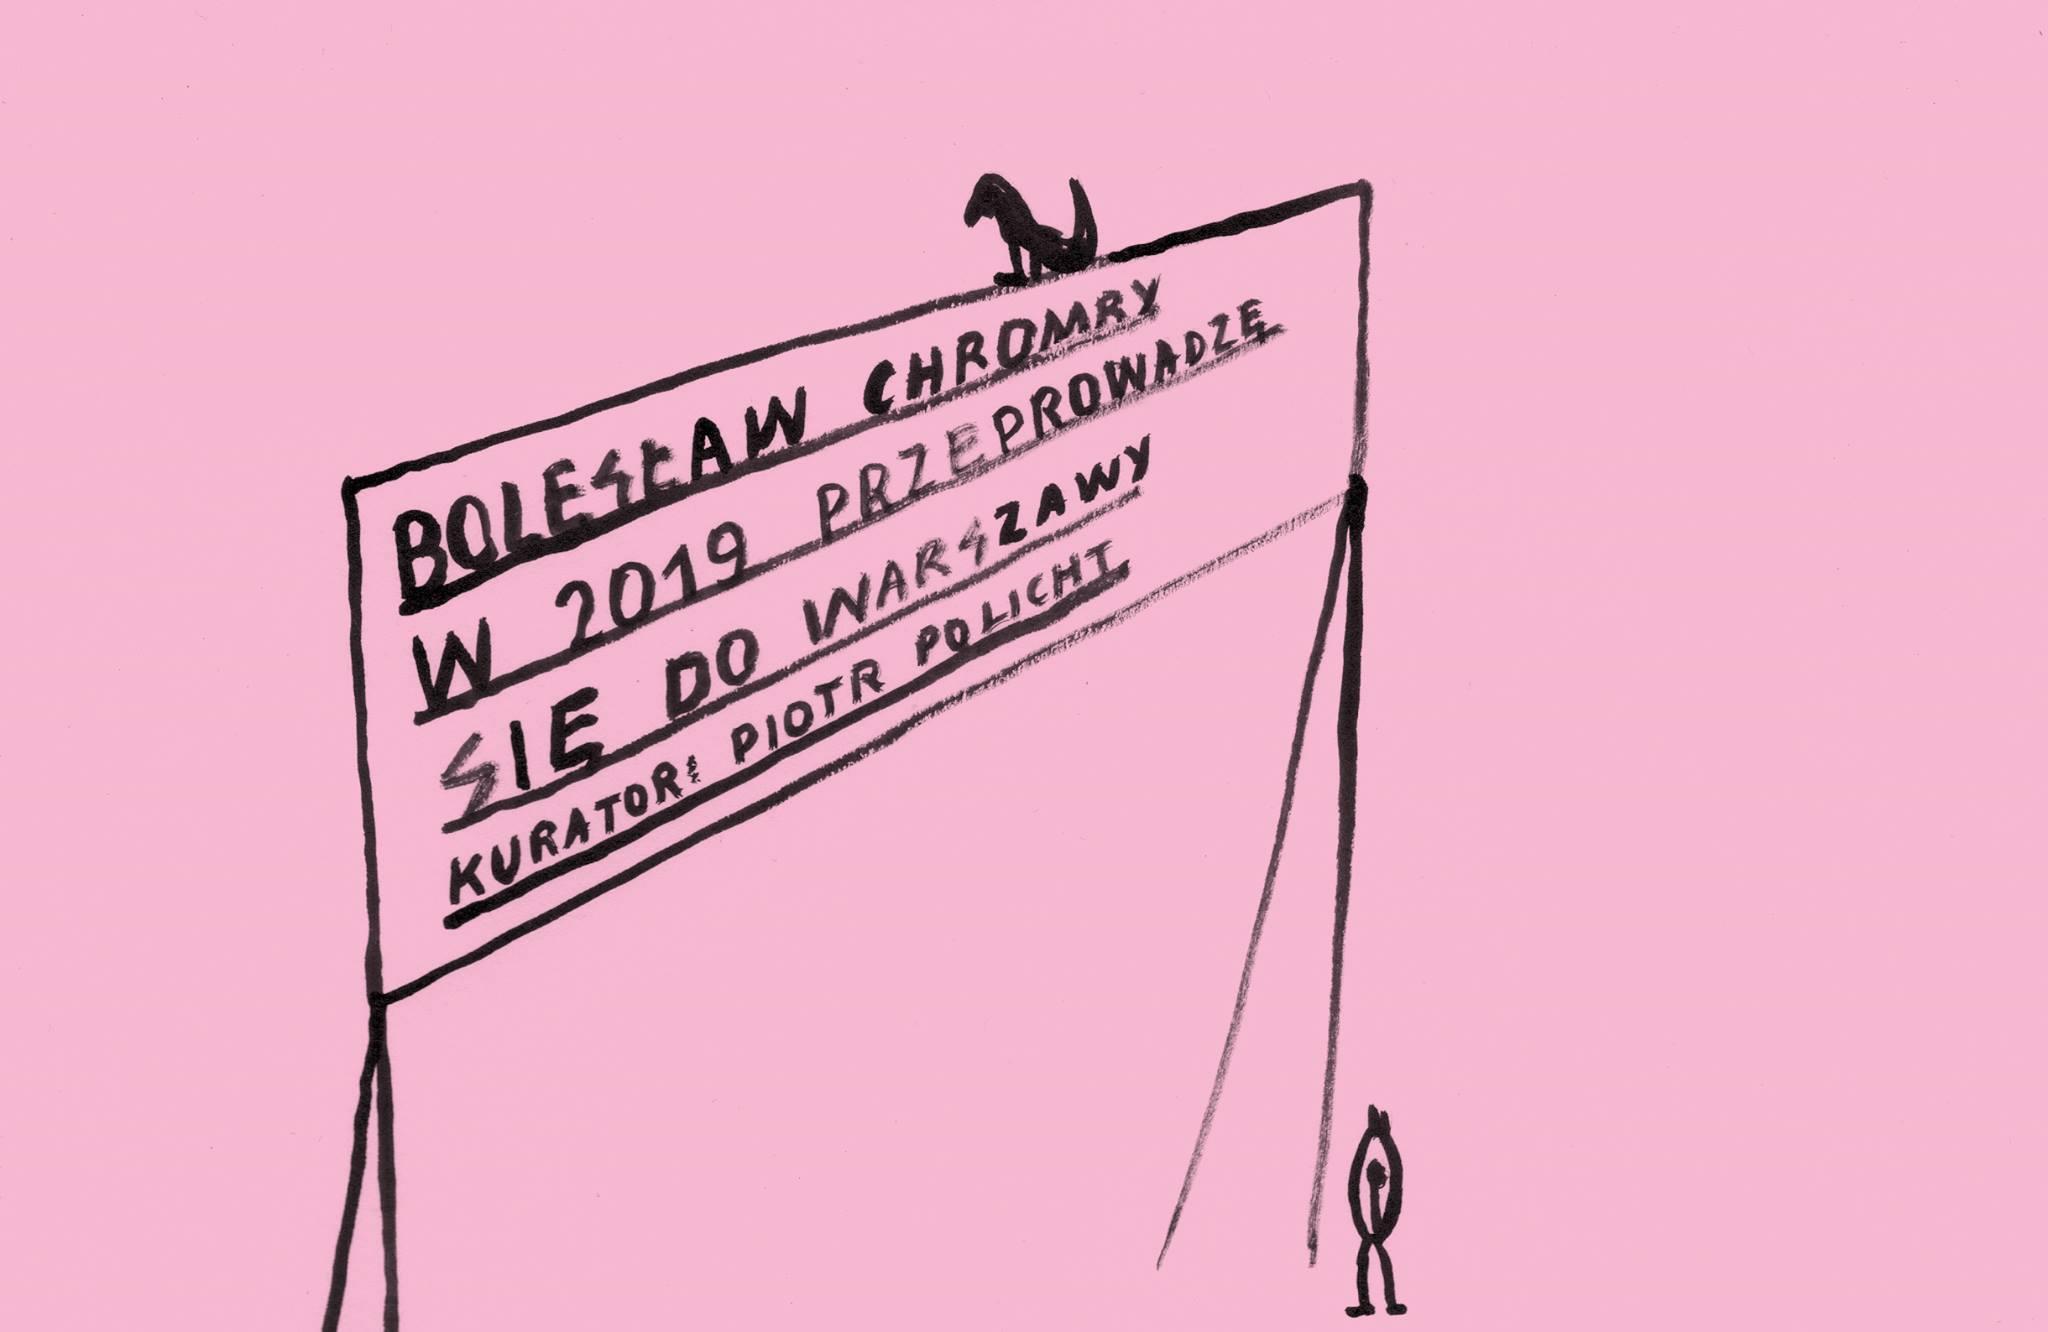 """Bolesław Chromry, """"2019 przeprowadzę się do Warszawy"""" (źródło: materiały prasowe organizatora)"""